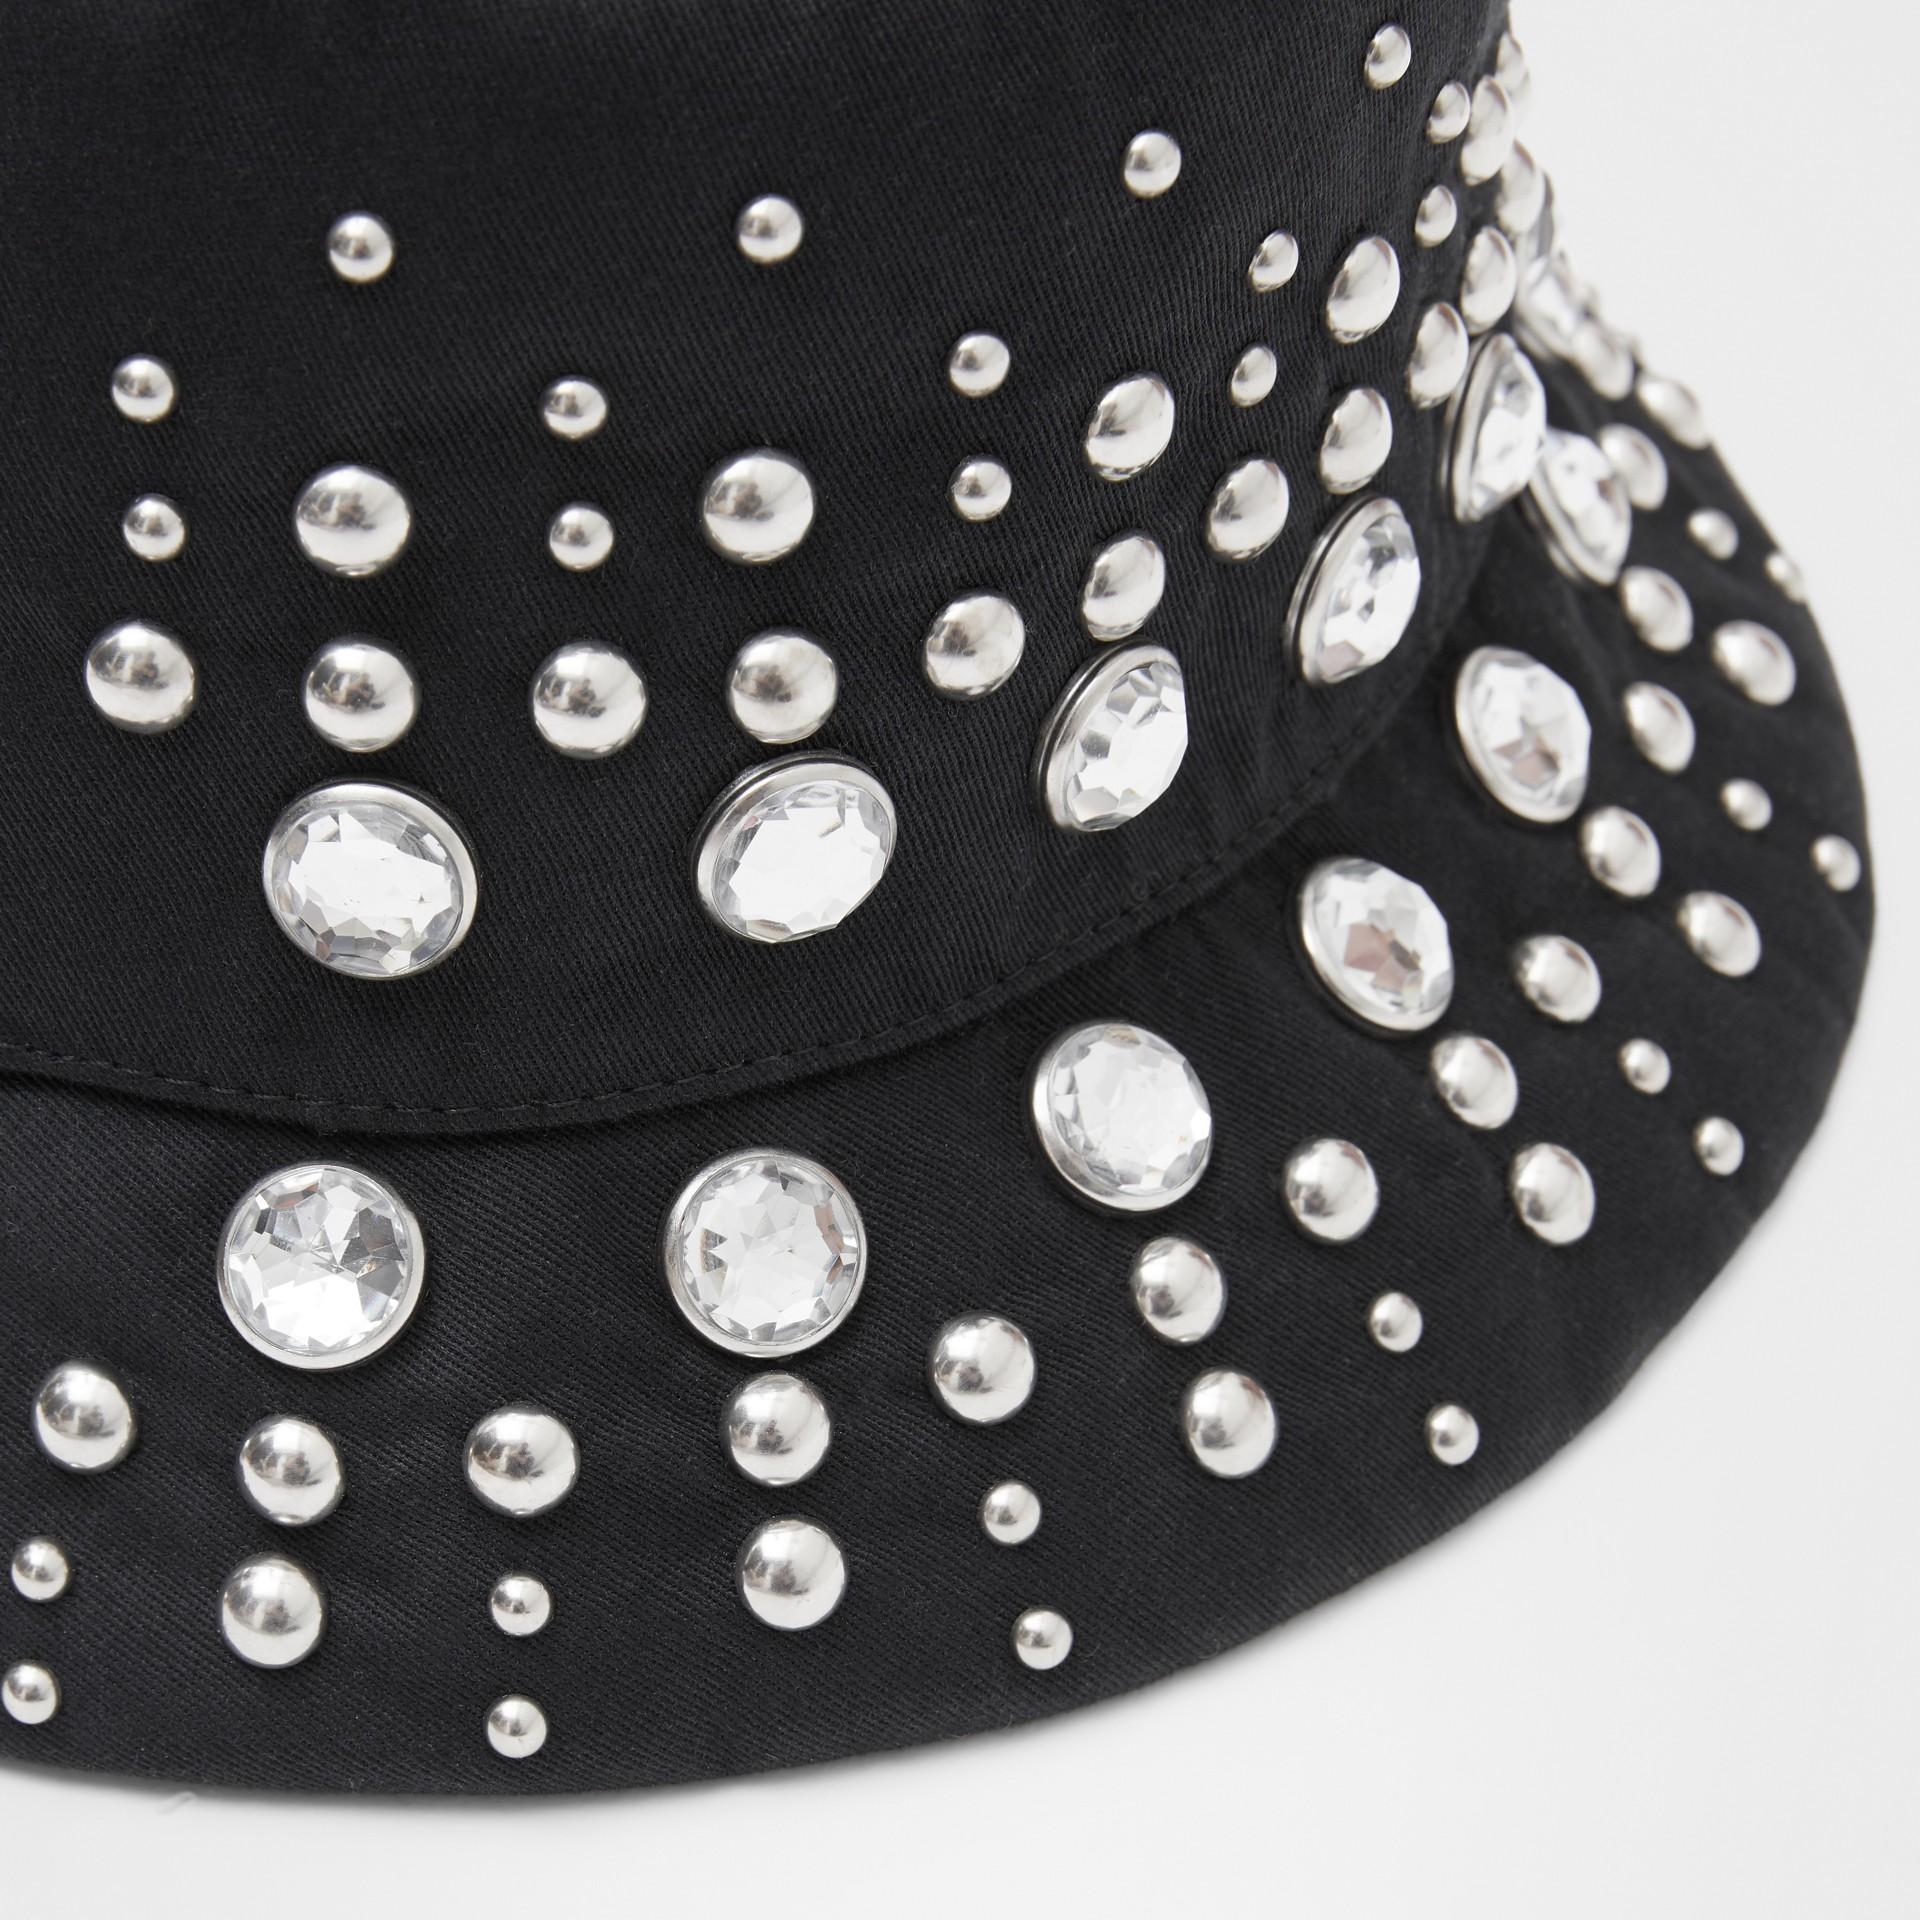 裝飾細節棉質斜紋漁夫帽 (黑色) | Burberry - 圖庫照片 7